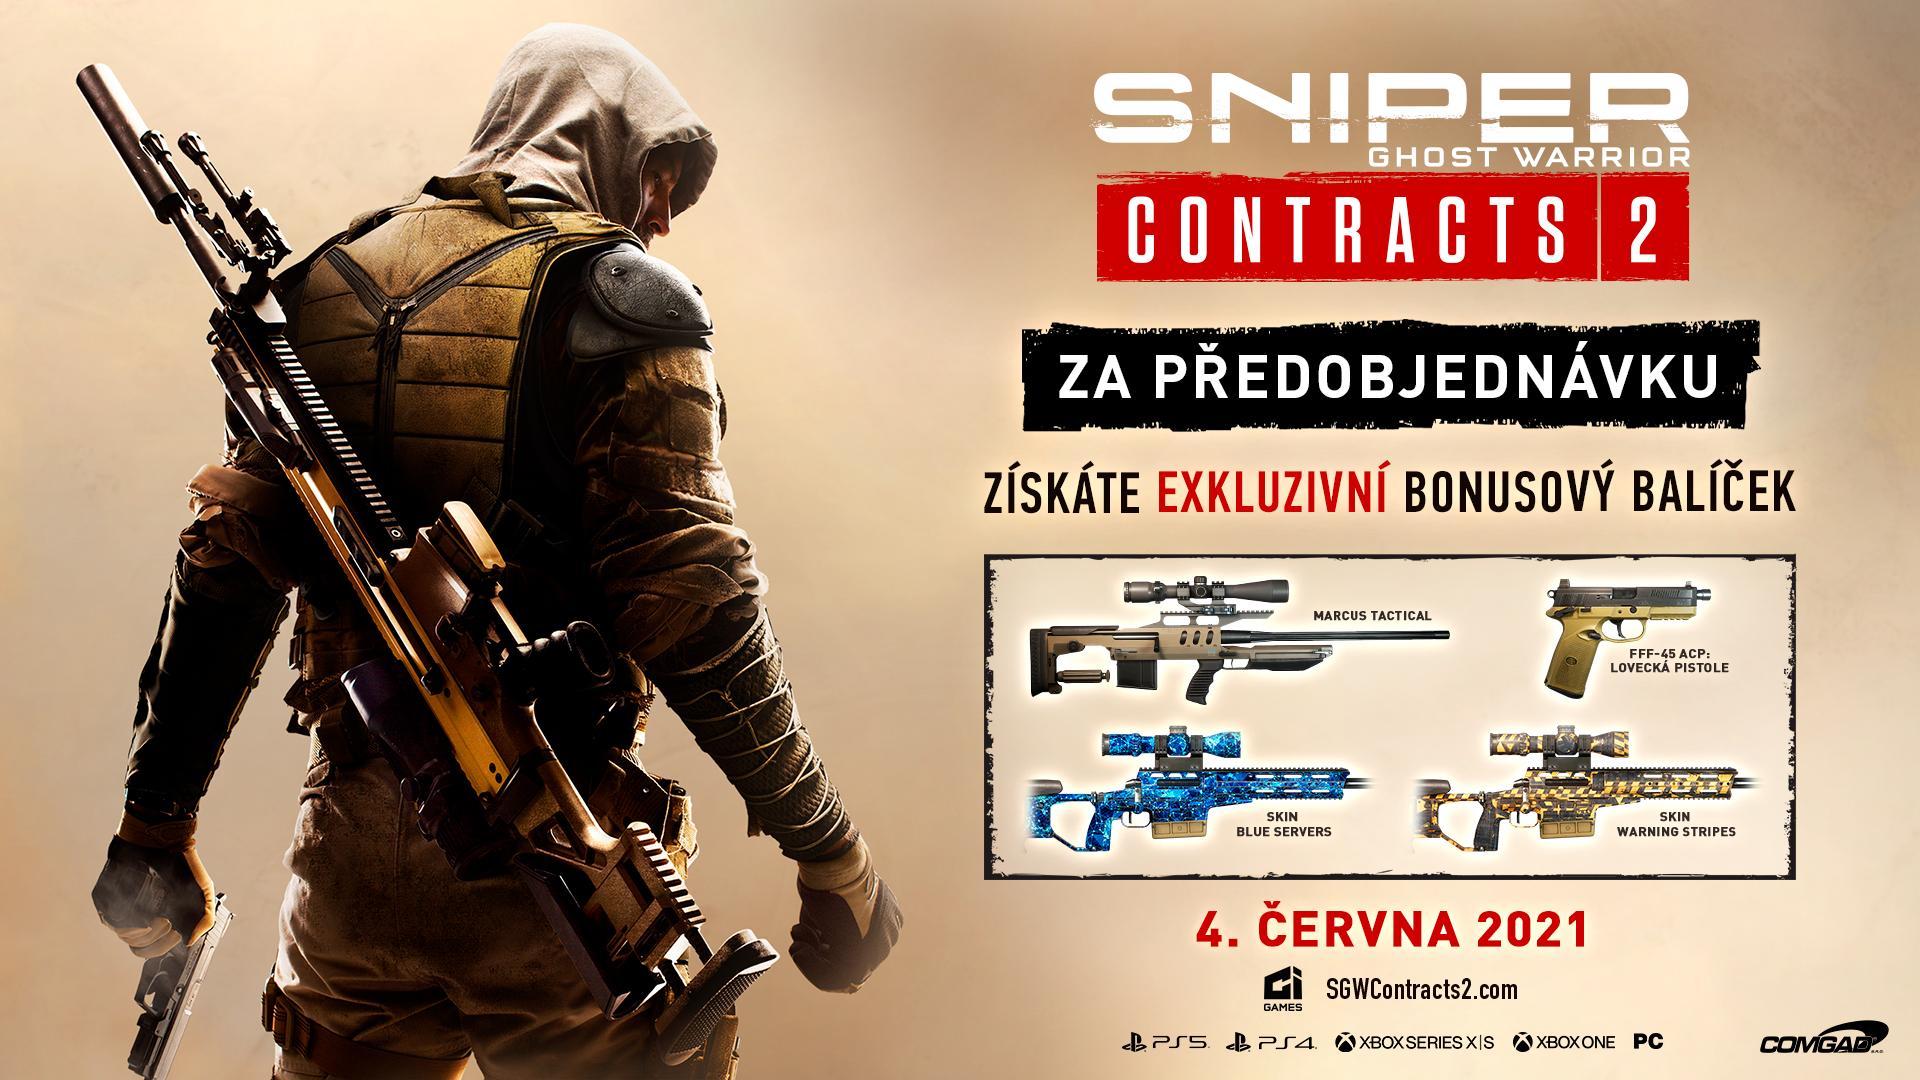 Přehlídka hratelnosti Sniper Ghost Warrior Contracts 2 Preorder